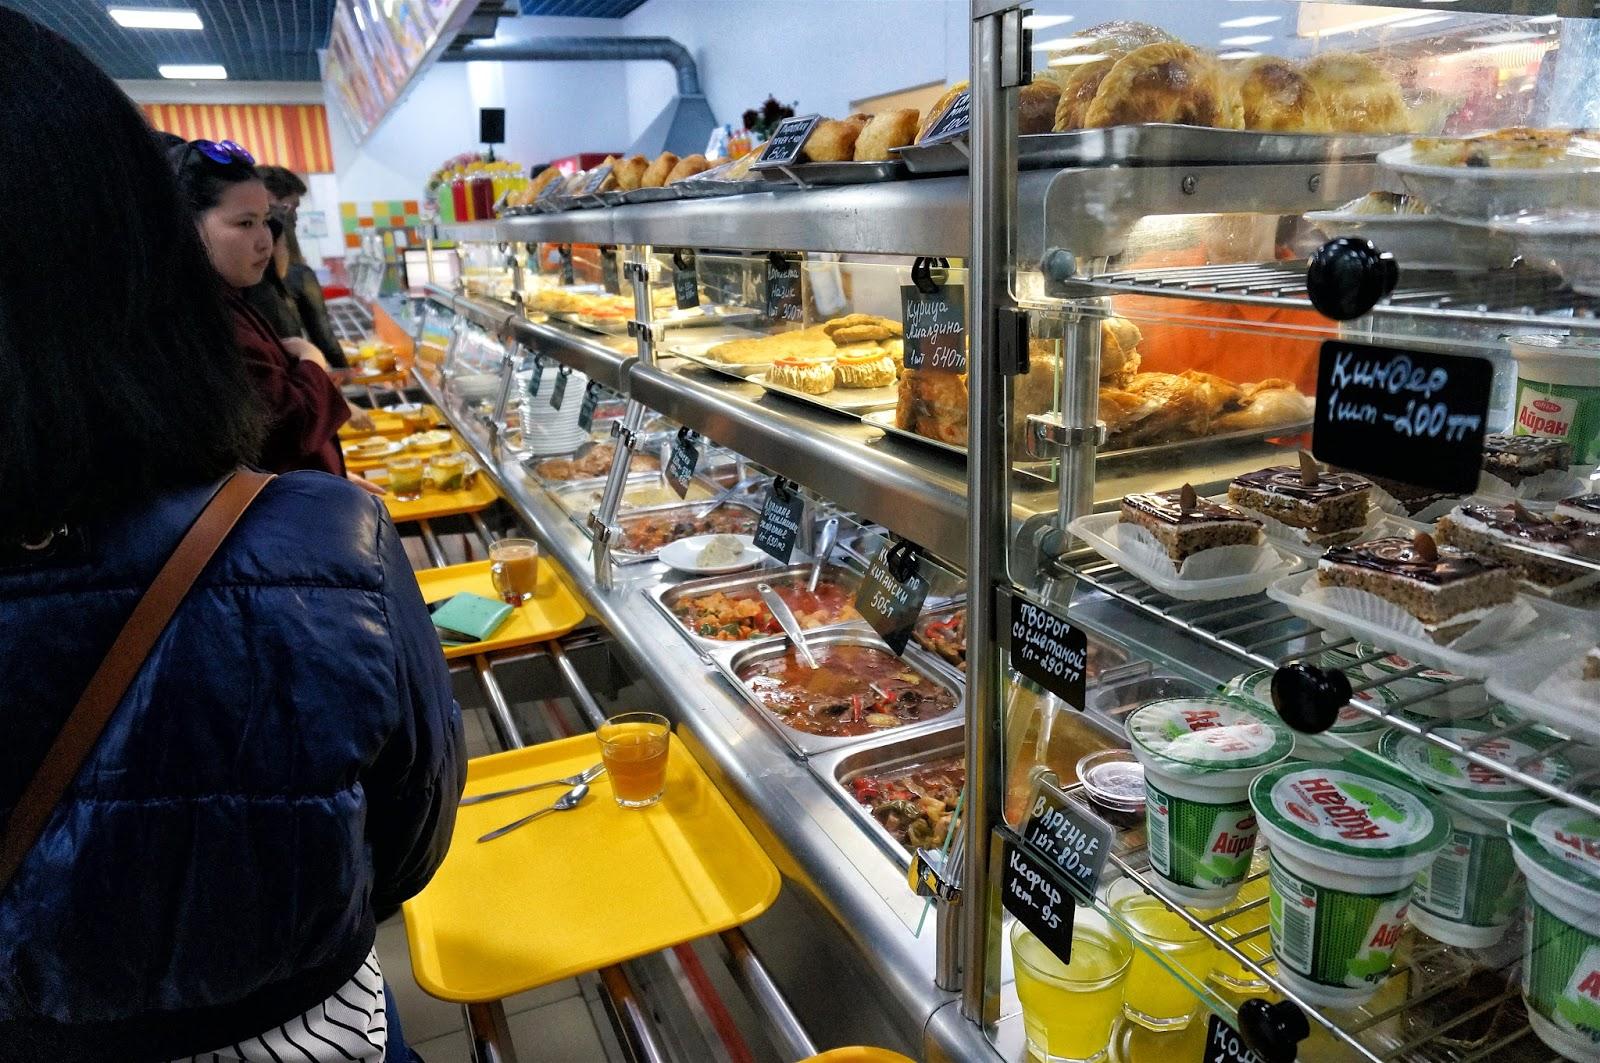 wyprawa do Kazachstanu, co zobaczyć w Kazachstanie, Kazachstan ciekawostki, zwiedzanie Kazachstanu, Kazachstan jedzenie